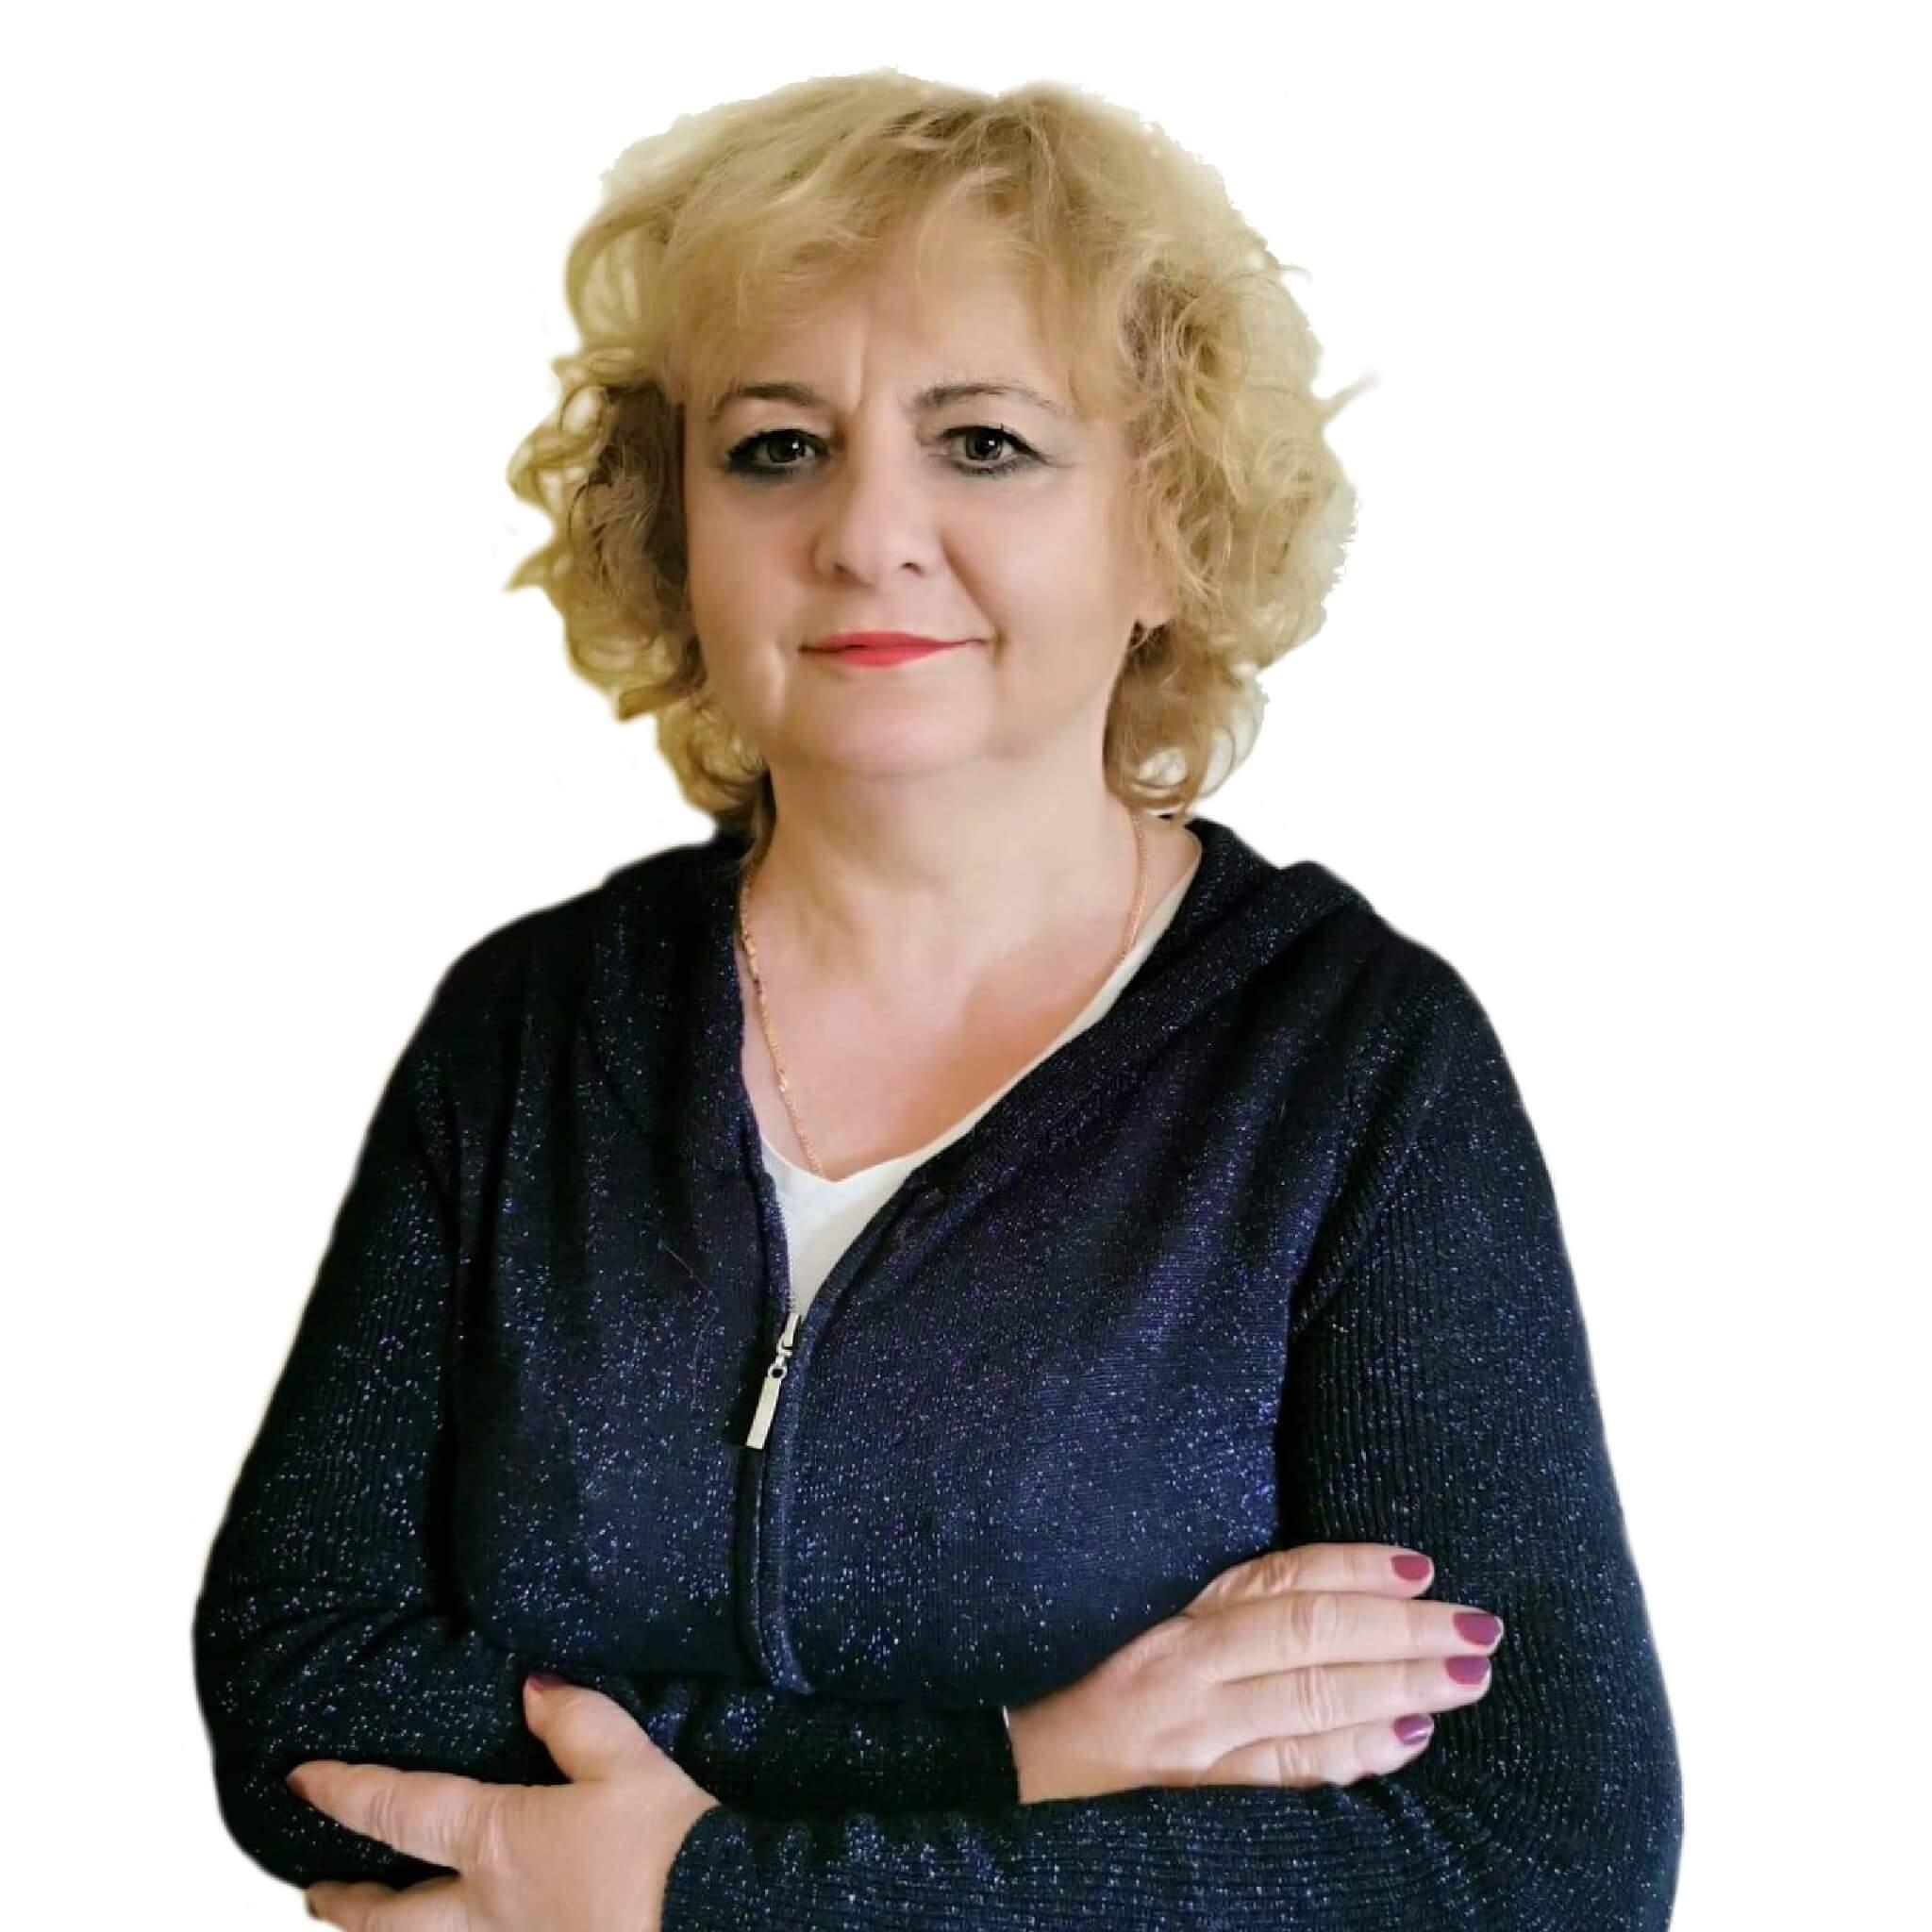 Agata Wierzejska